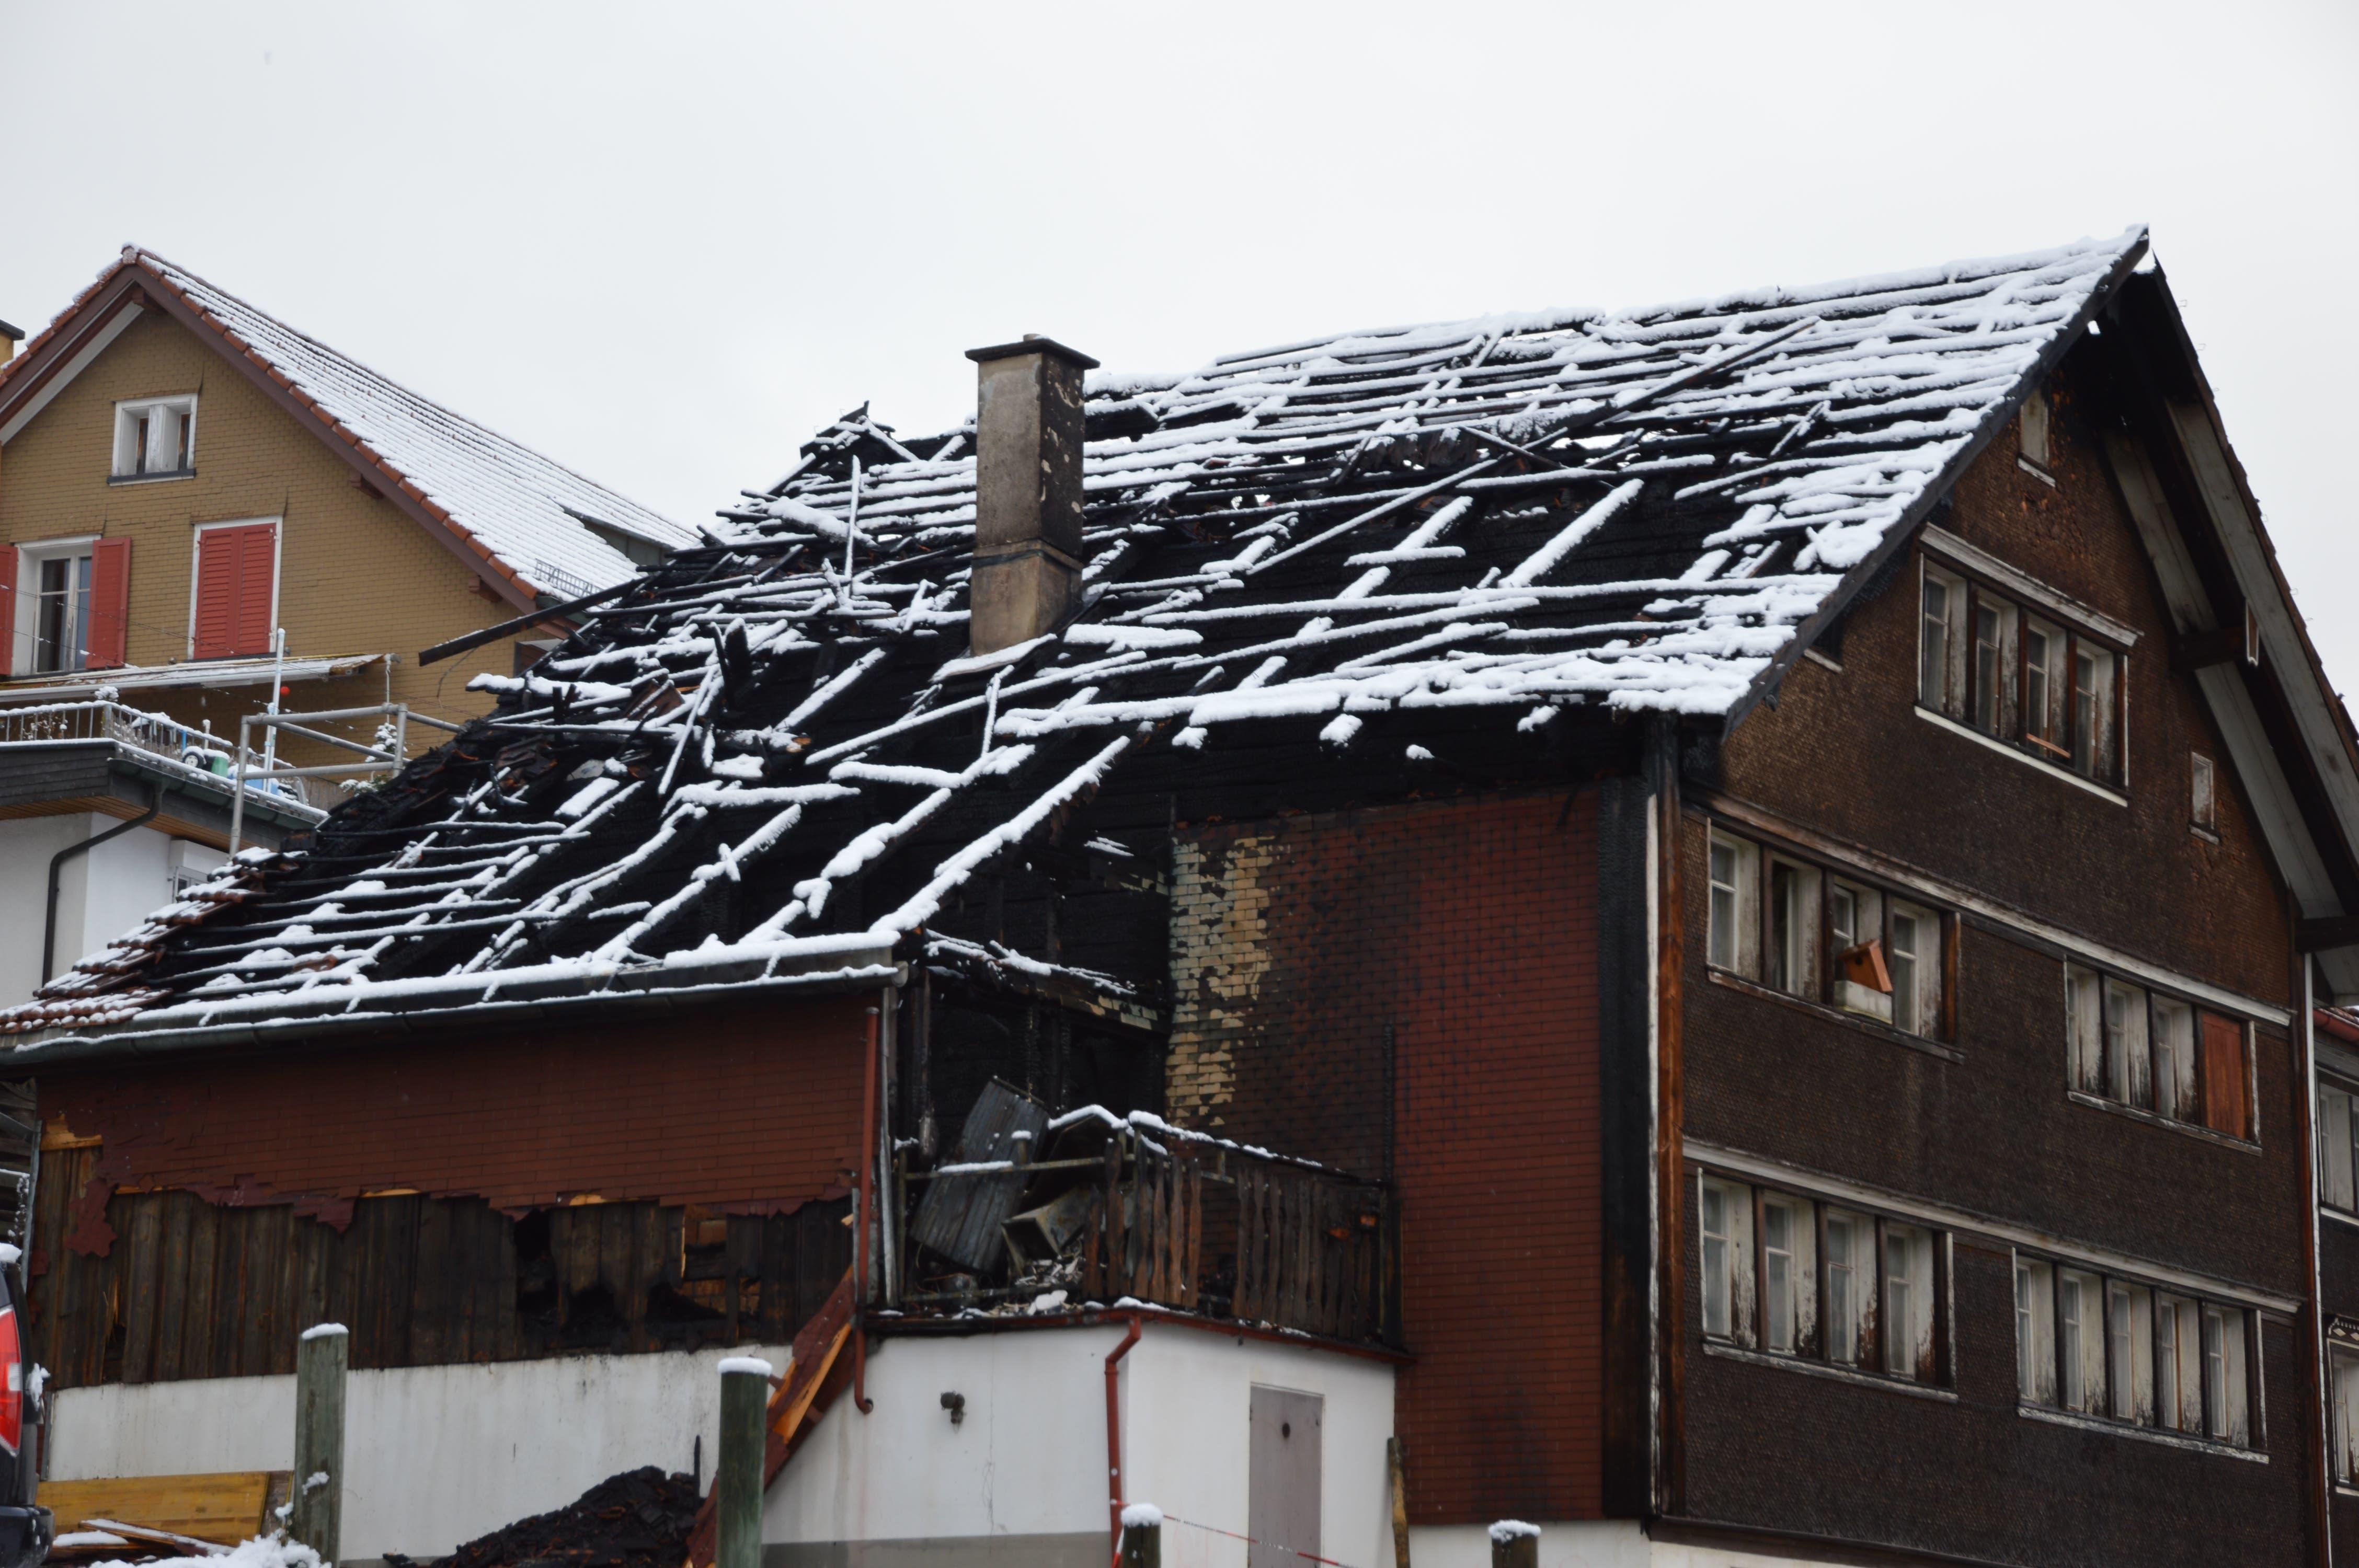 So sieht das Haus am Tag nach dem Brand aus.